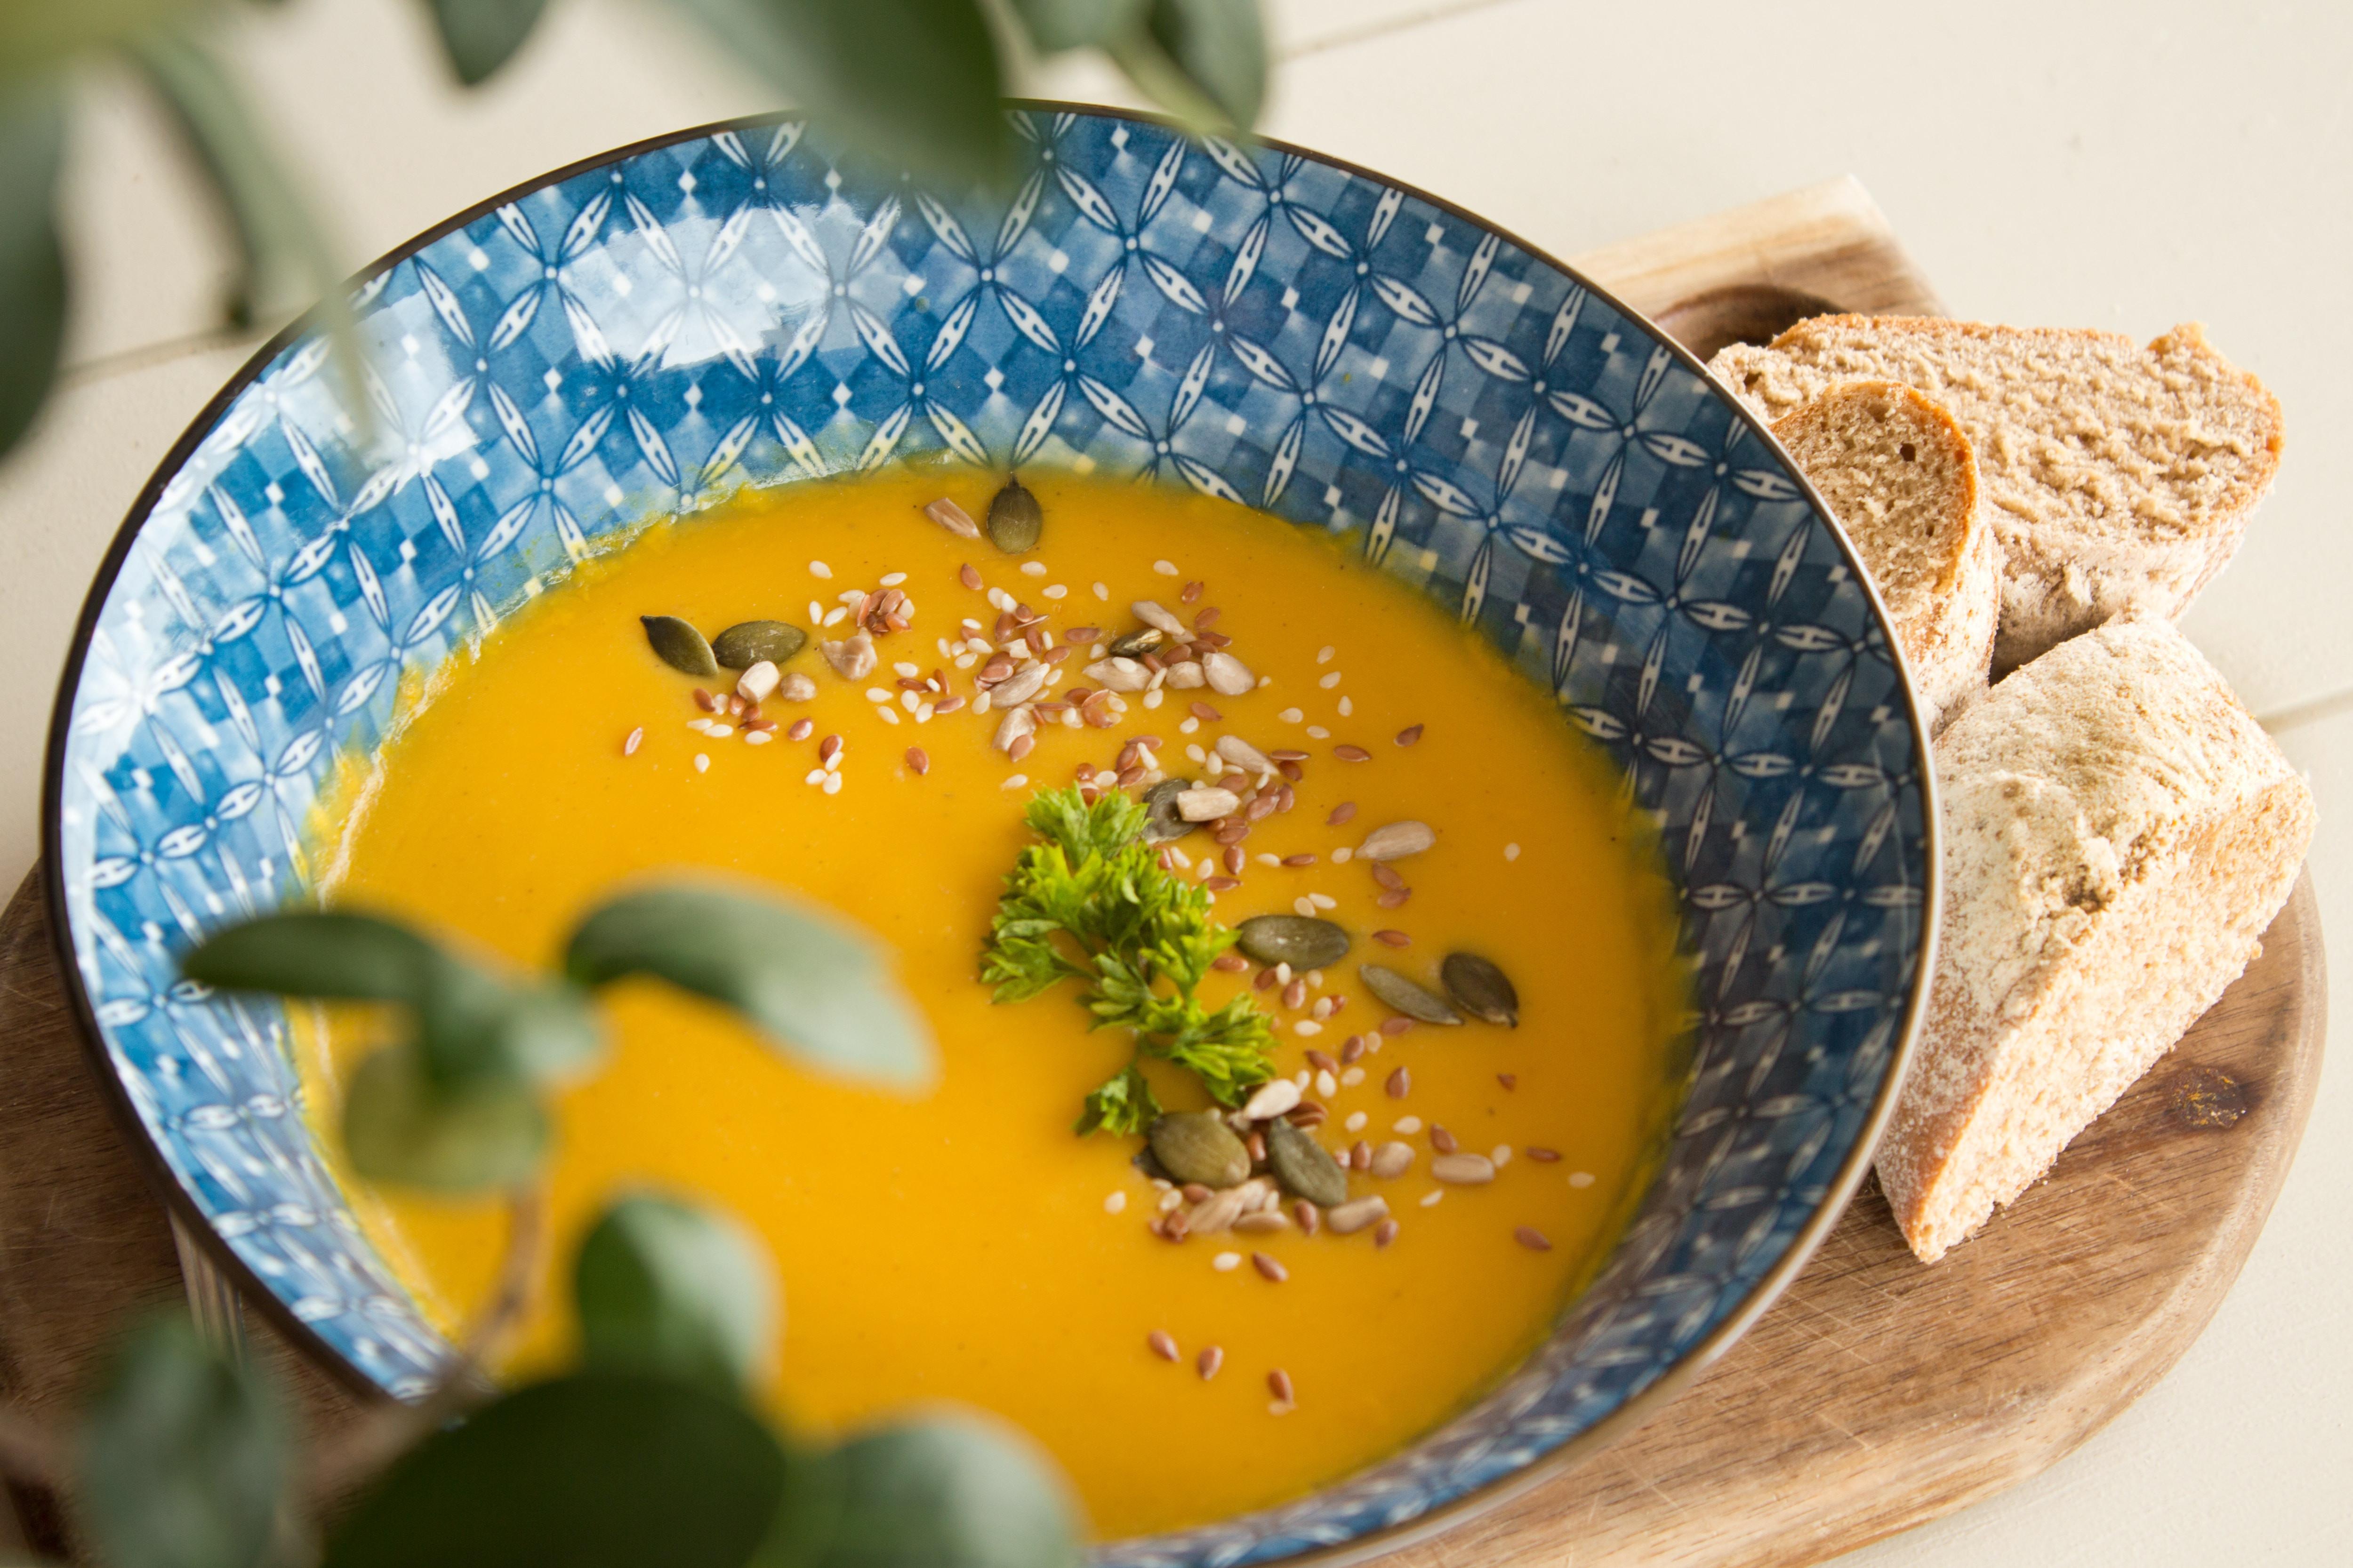 Découvrez trois aliments réconfortants pour la saison froide